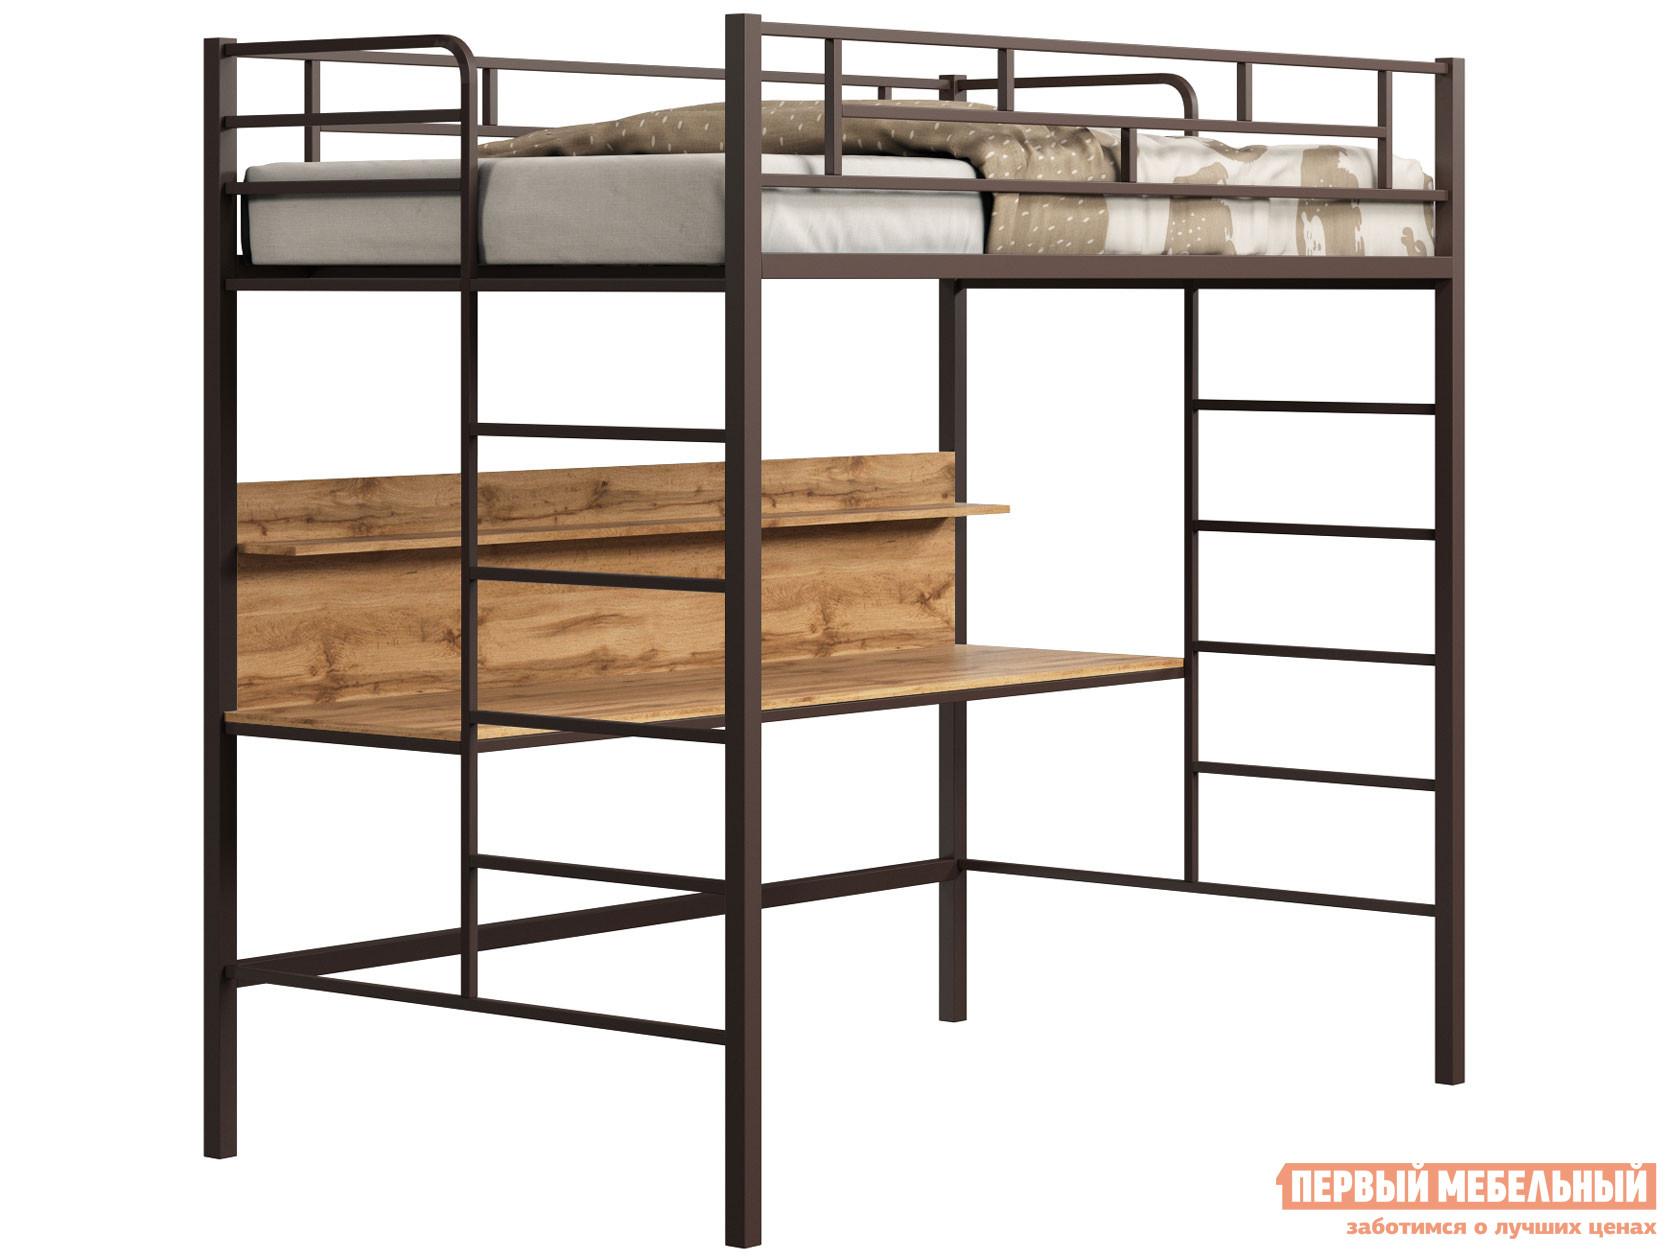 Кровать-чердак МФ 4 Сезона Кровать-чердак детская Амстердам 120 со столом